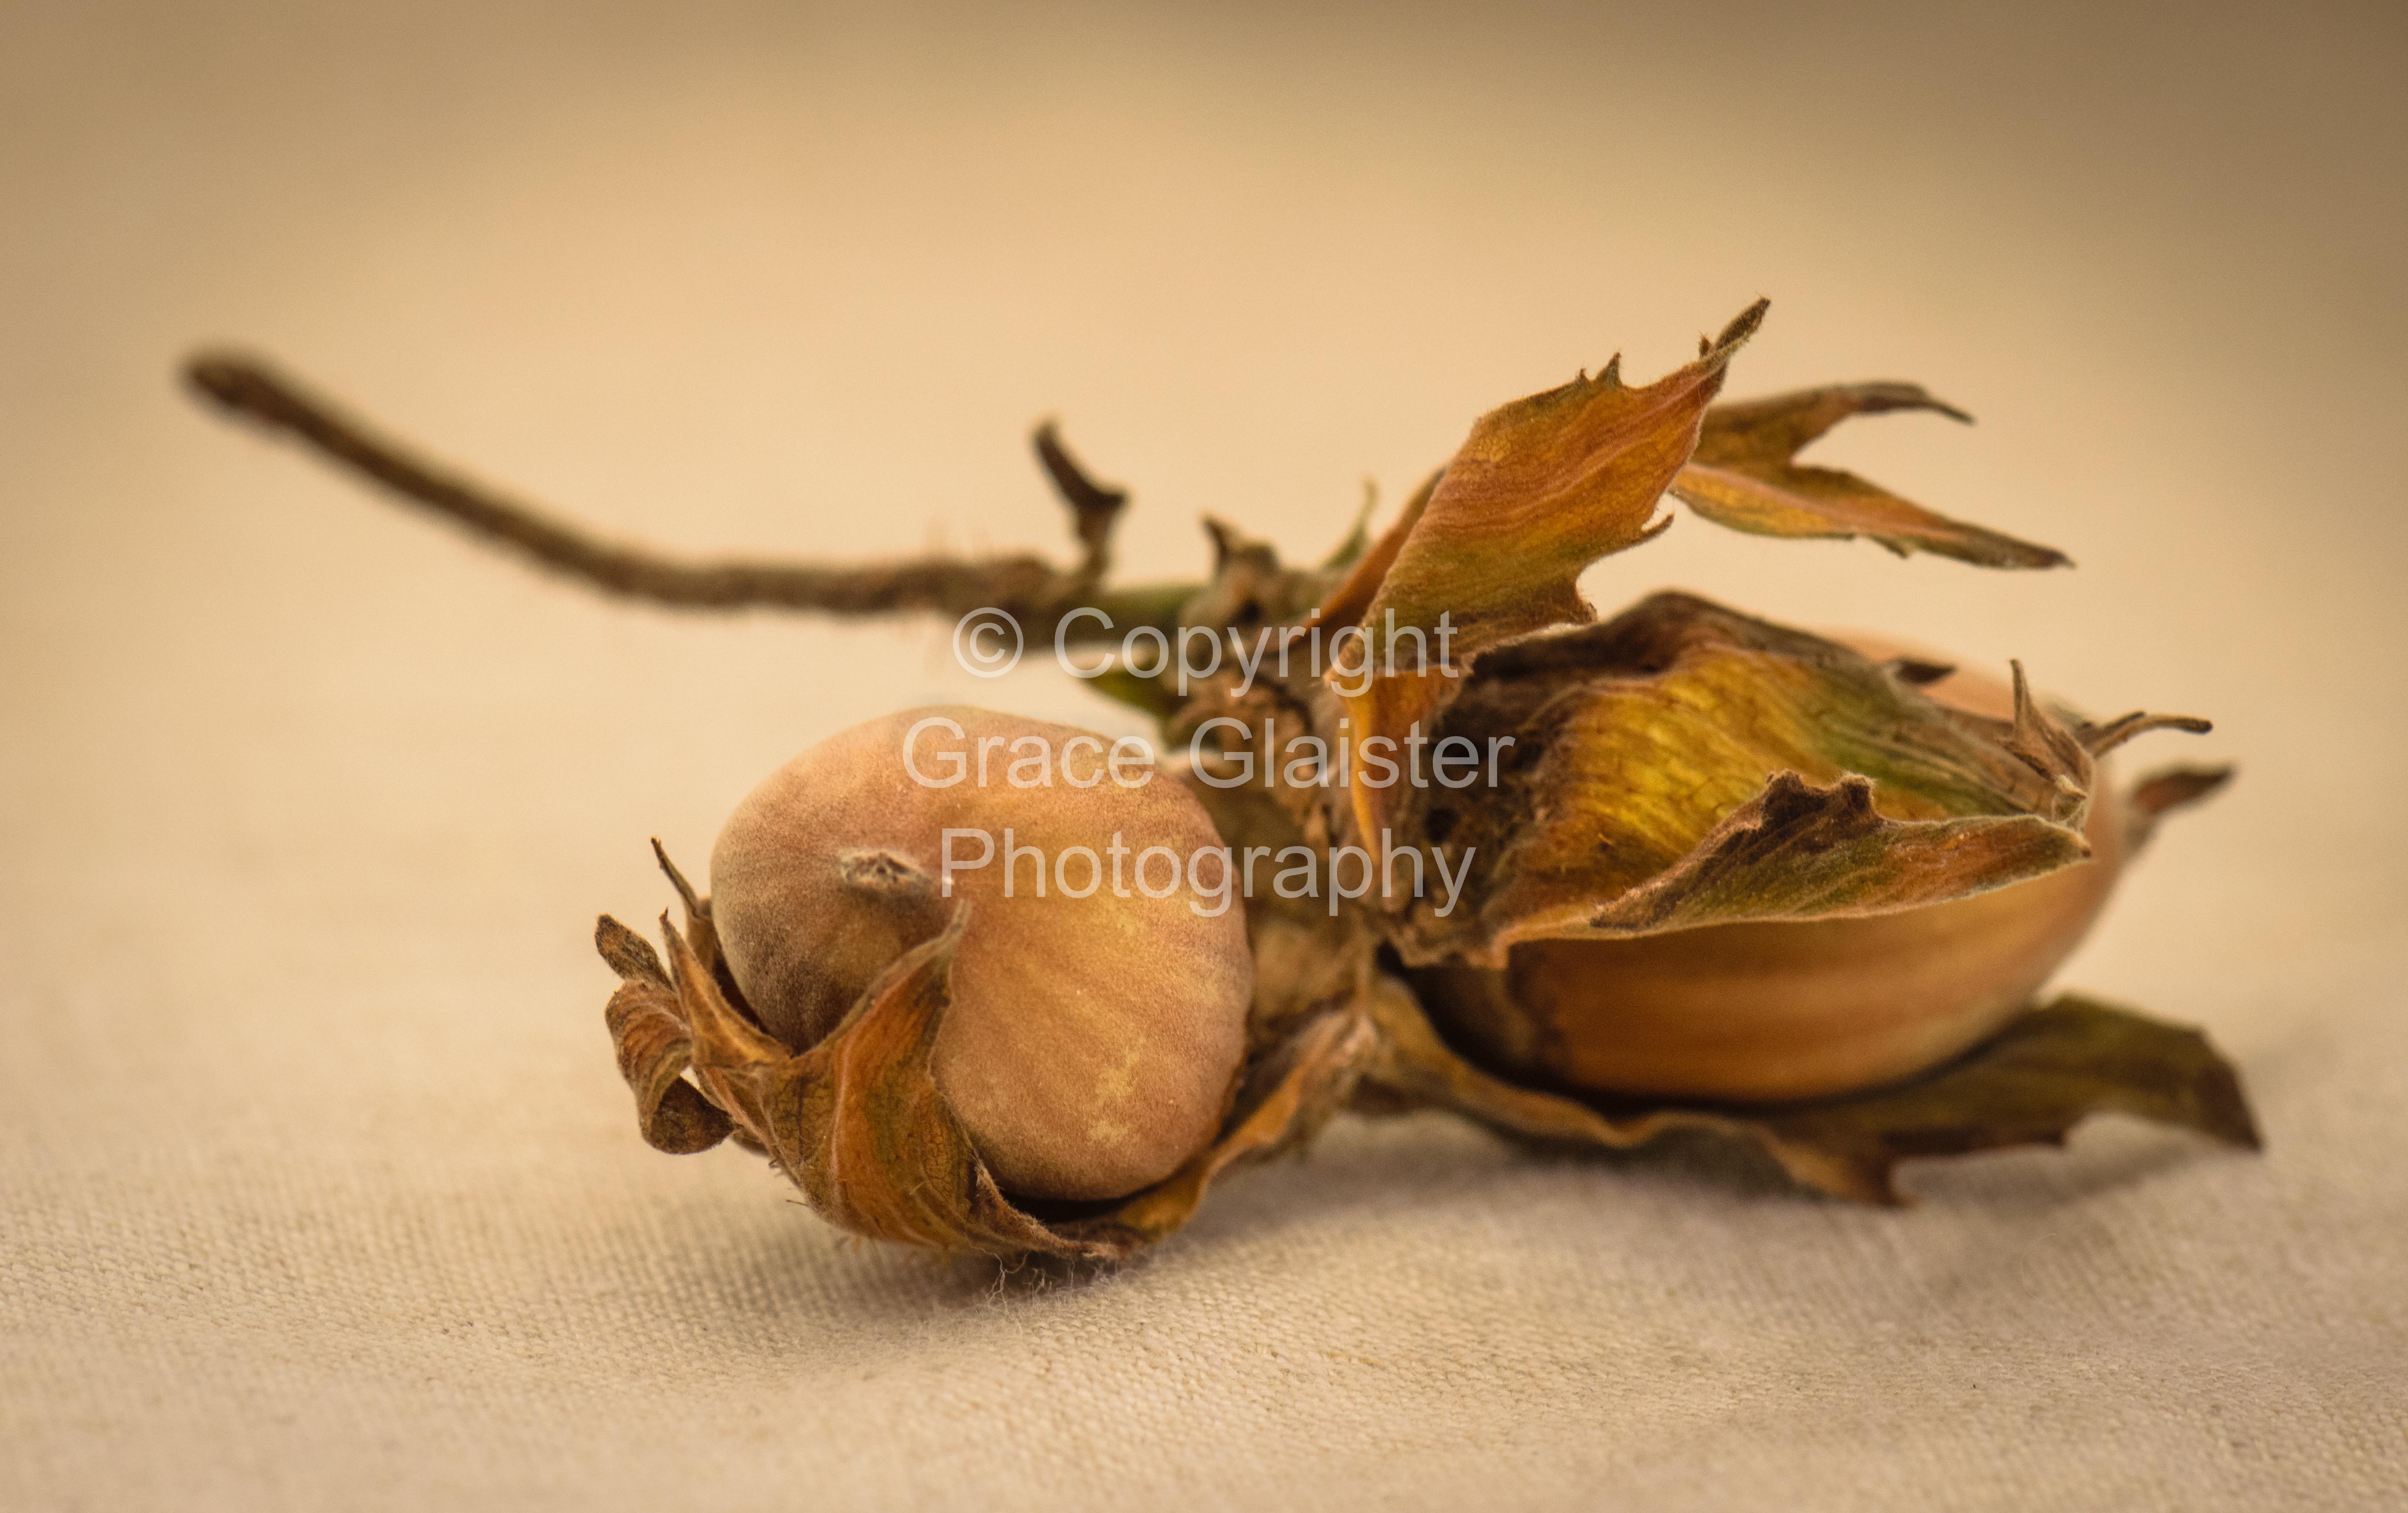 Hazelnuts by Grace Glaister